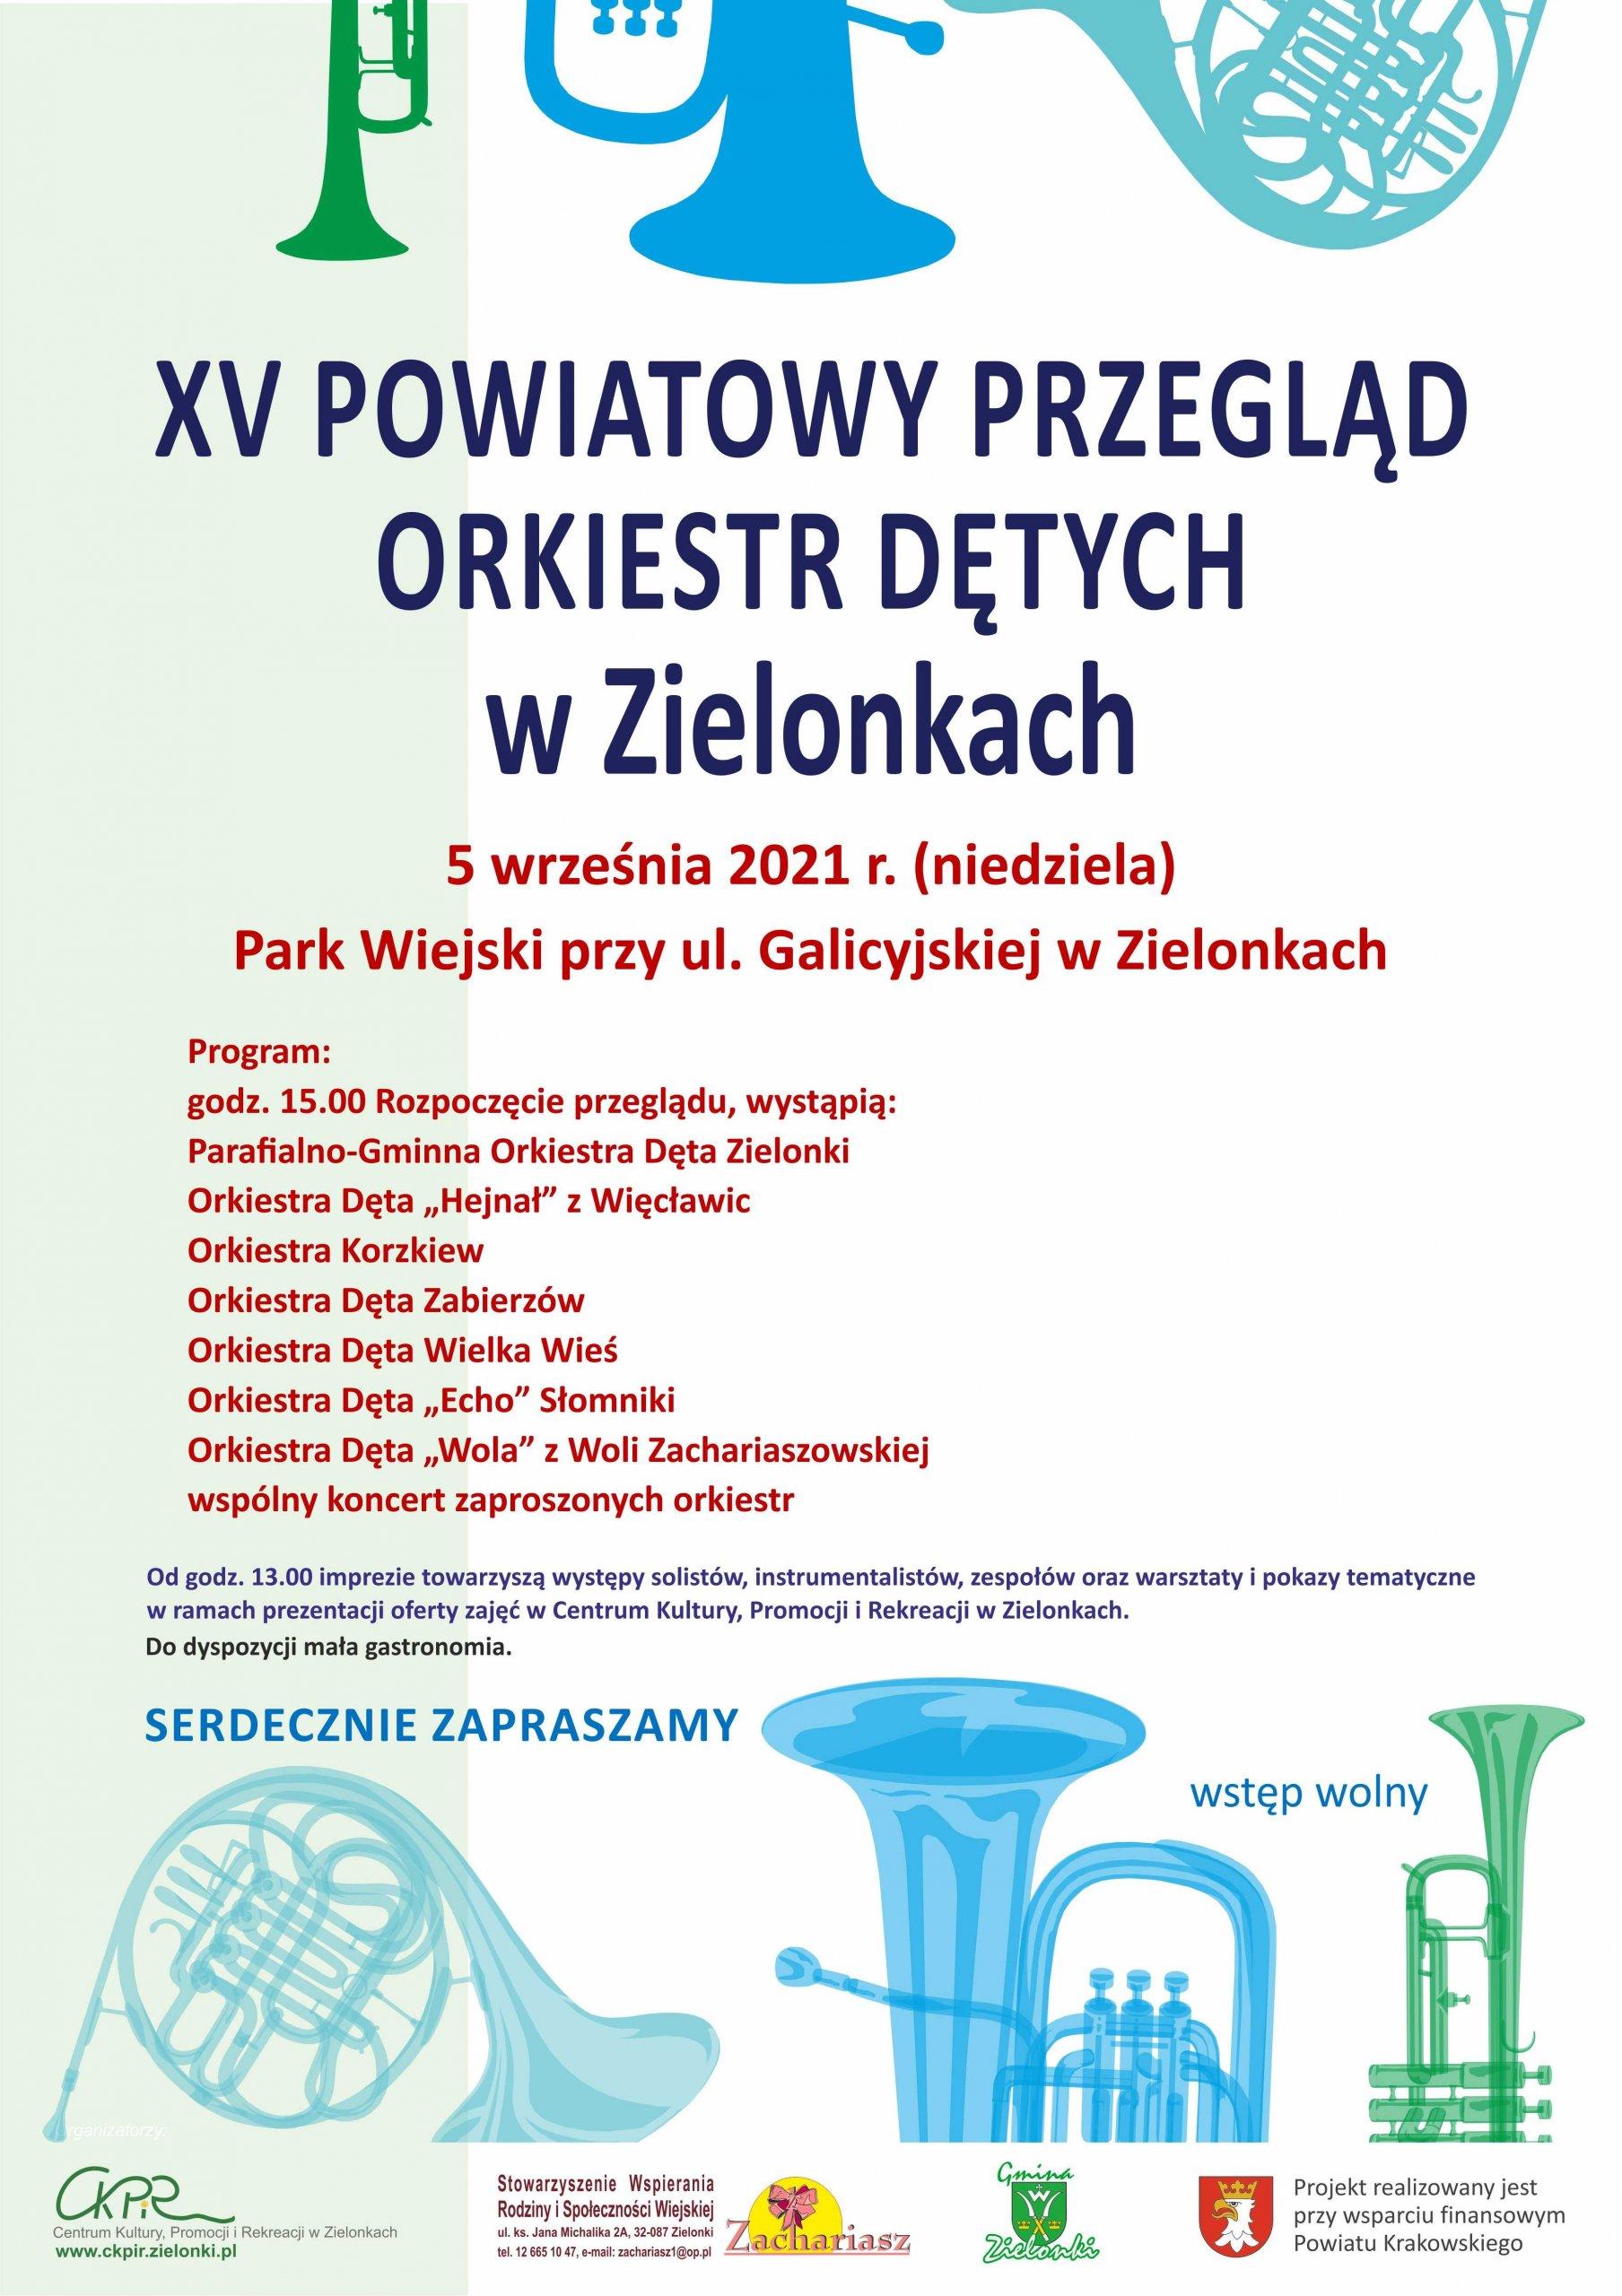 XV Powiatowy Przegląd Orkiestr Dętych w Zielonkach